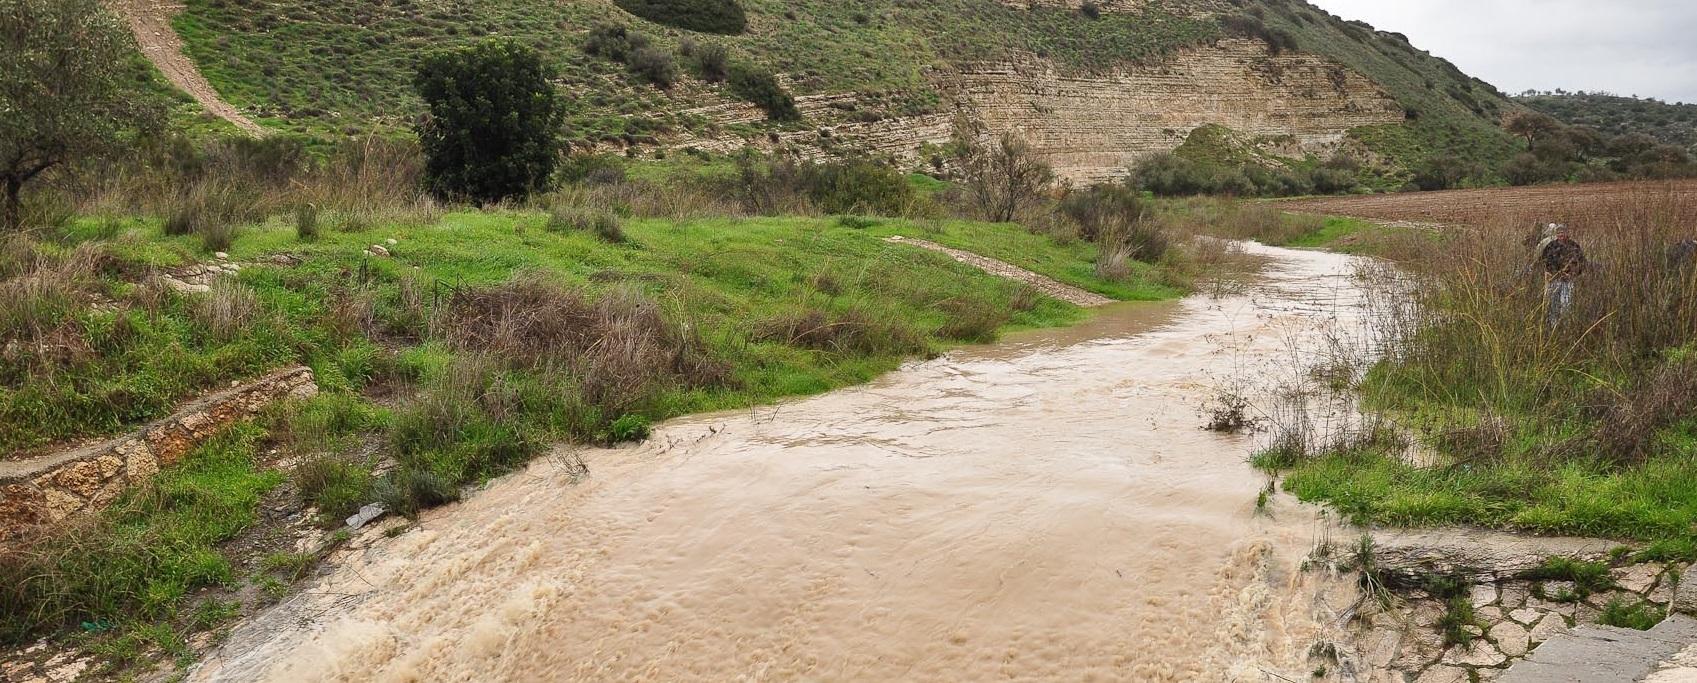 上图:下雨三天之后的以拉溪,河水满溢。